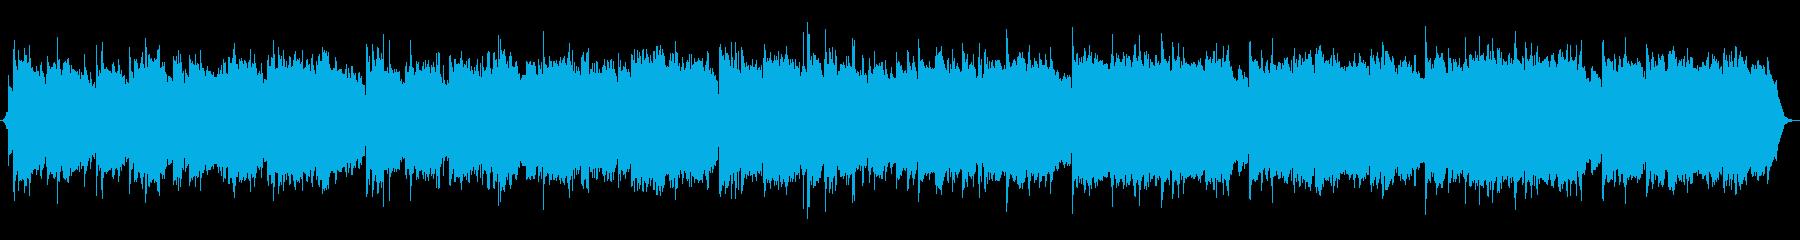 穏やかでしっとりしたBGMの再生済みの波形